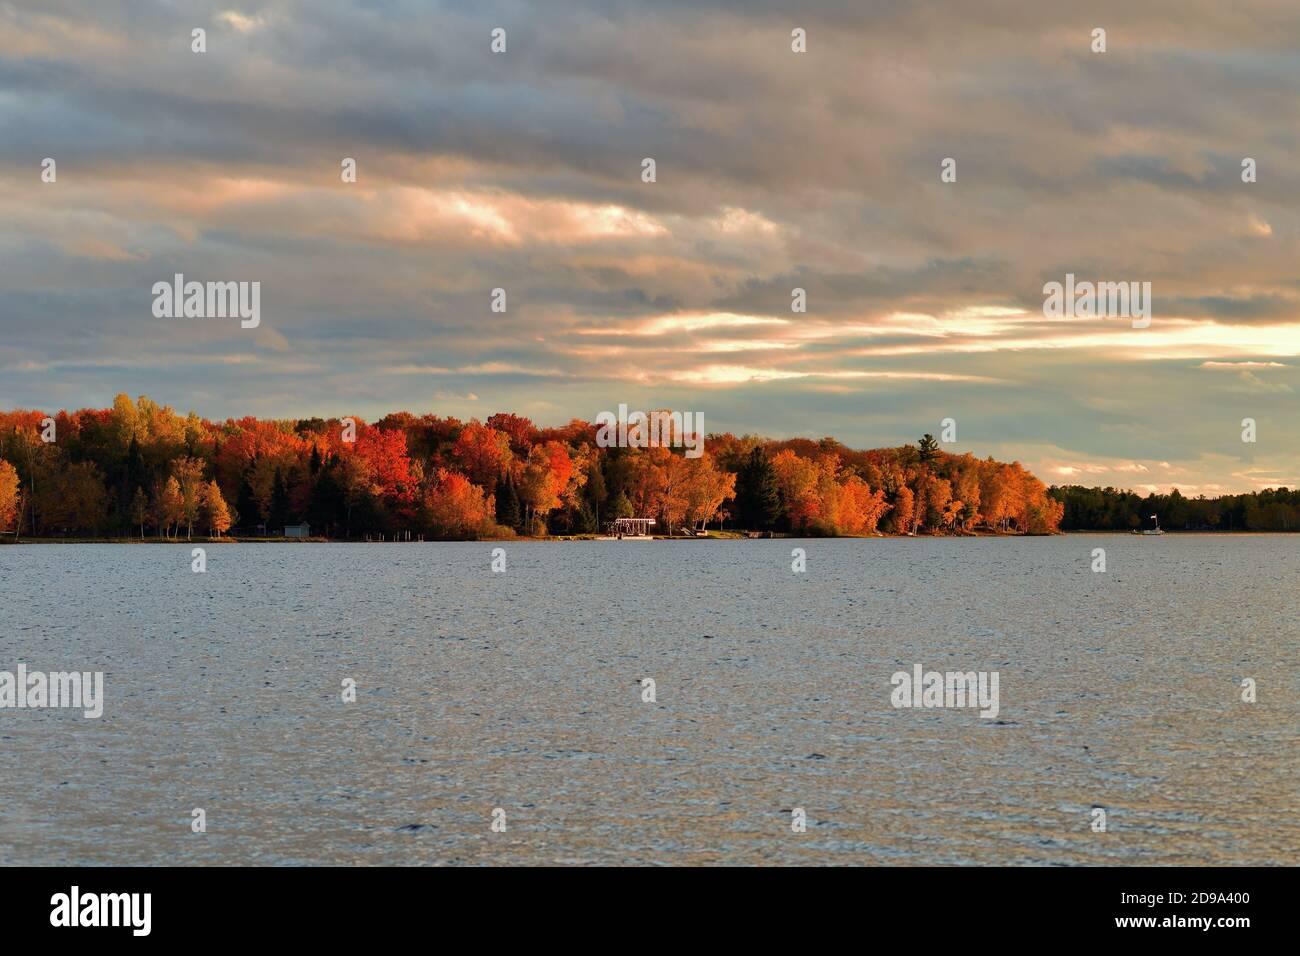 Trout Lake, Michigan, Estados Unidos. El otoño y el sol de última hora de la tarde descienden en un tramo de costa a lo largo del lago Trout en la Península Superior de Michigan. Foto de stock